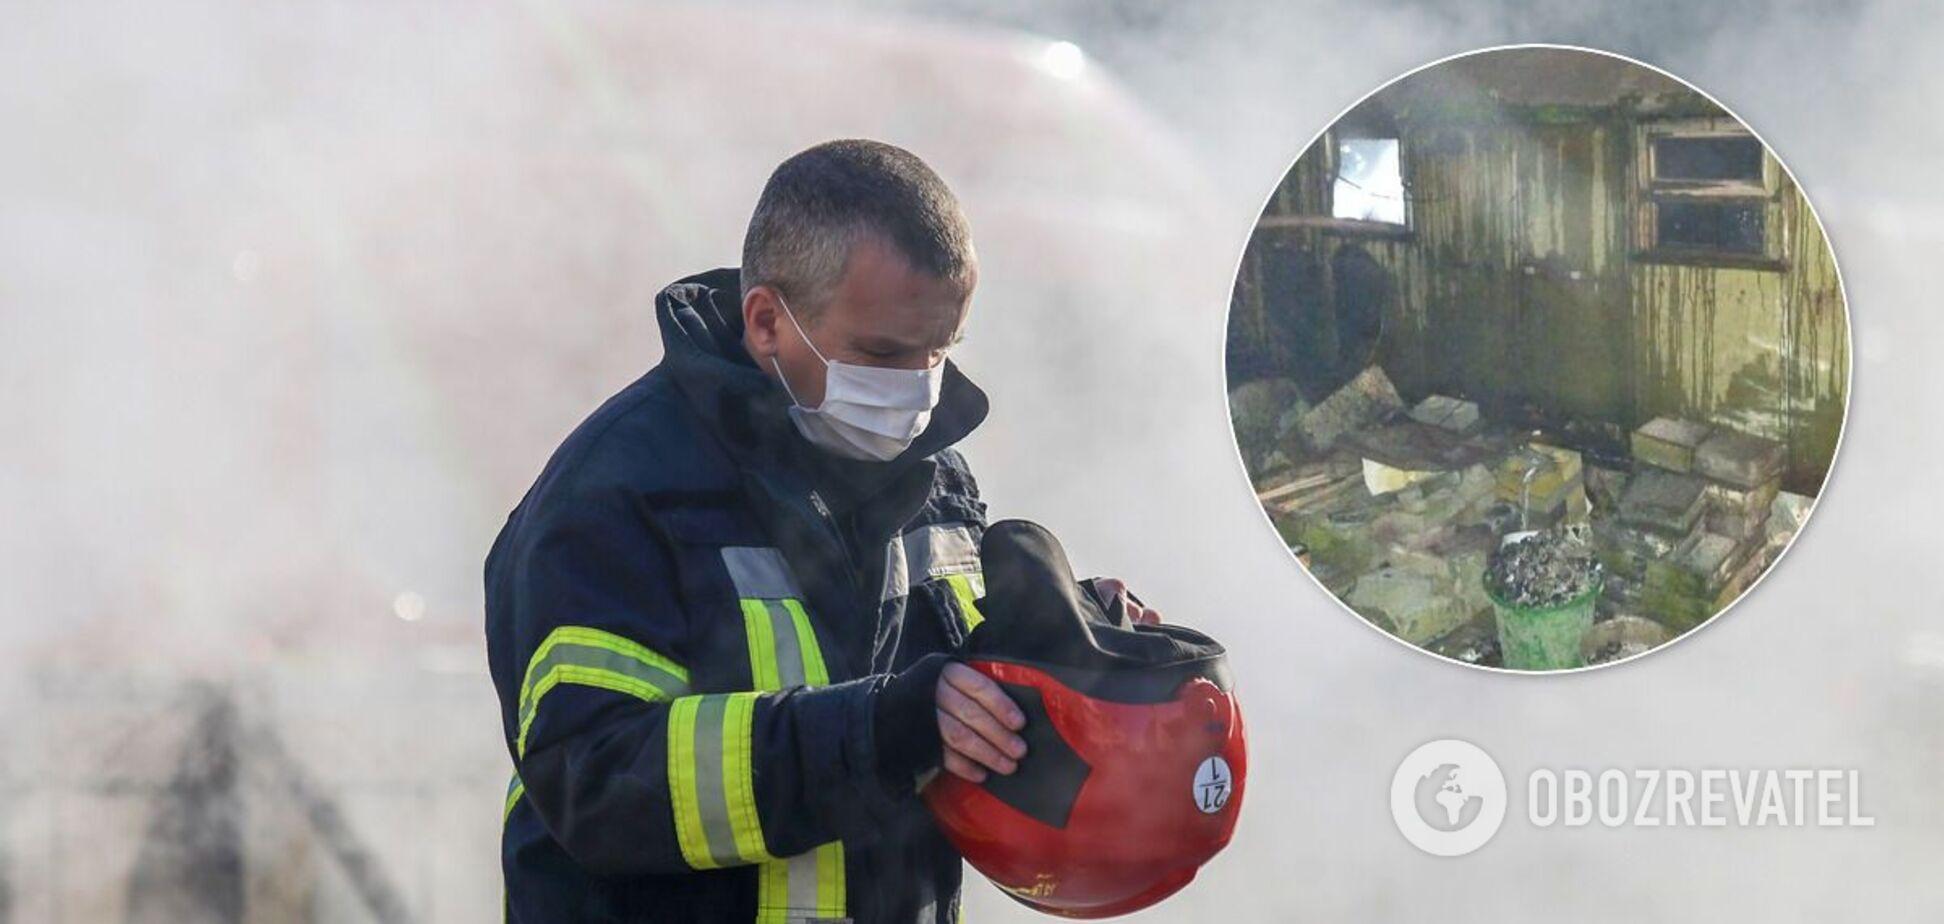 Під час гасіння пожежі рятувальники виявили тіло чоловіка